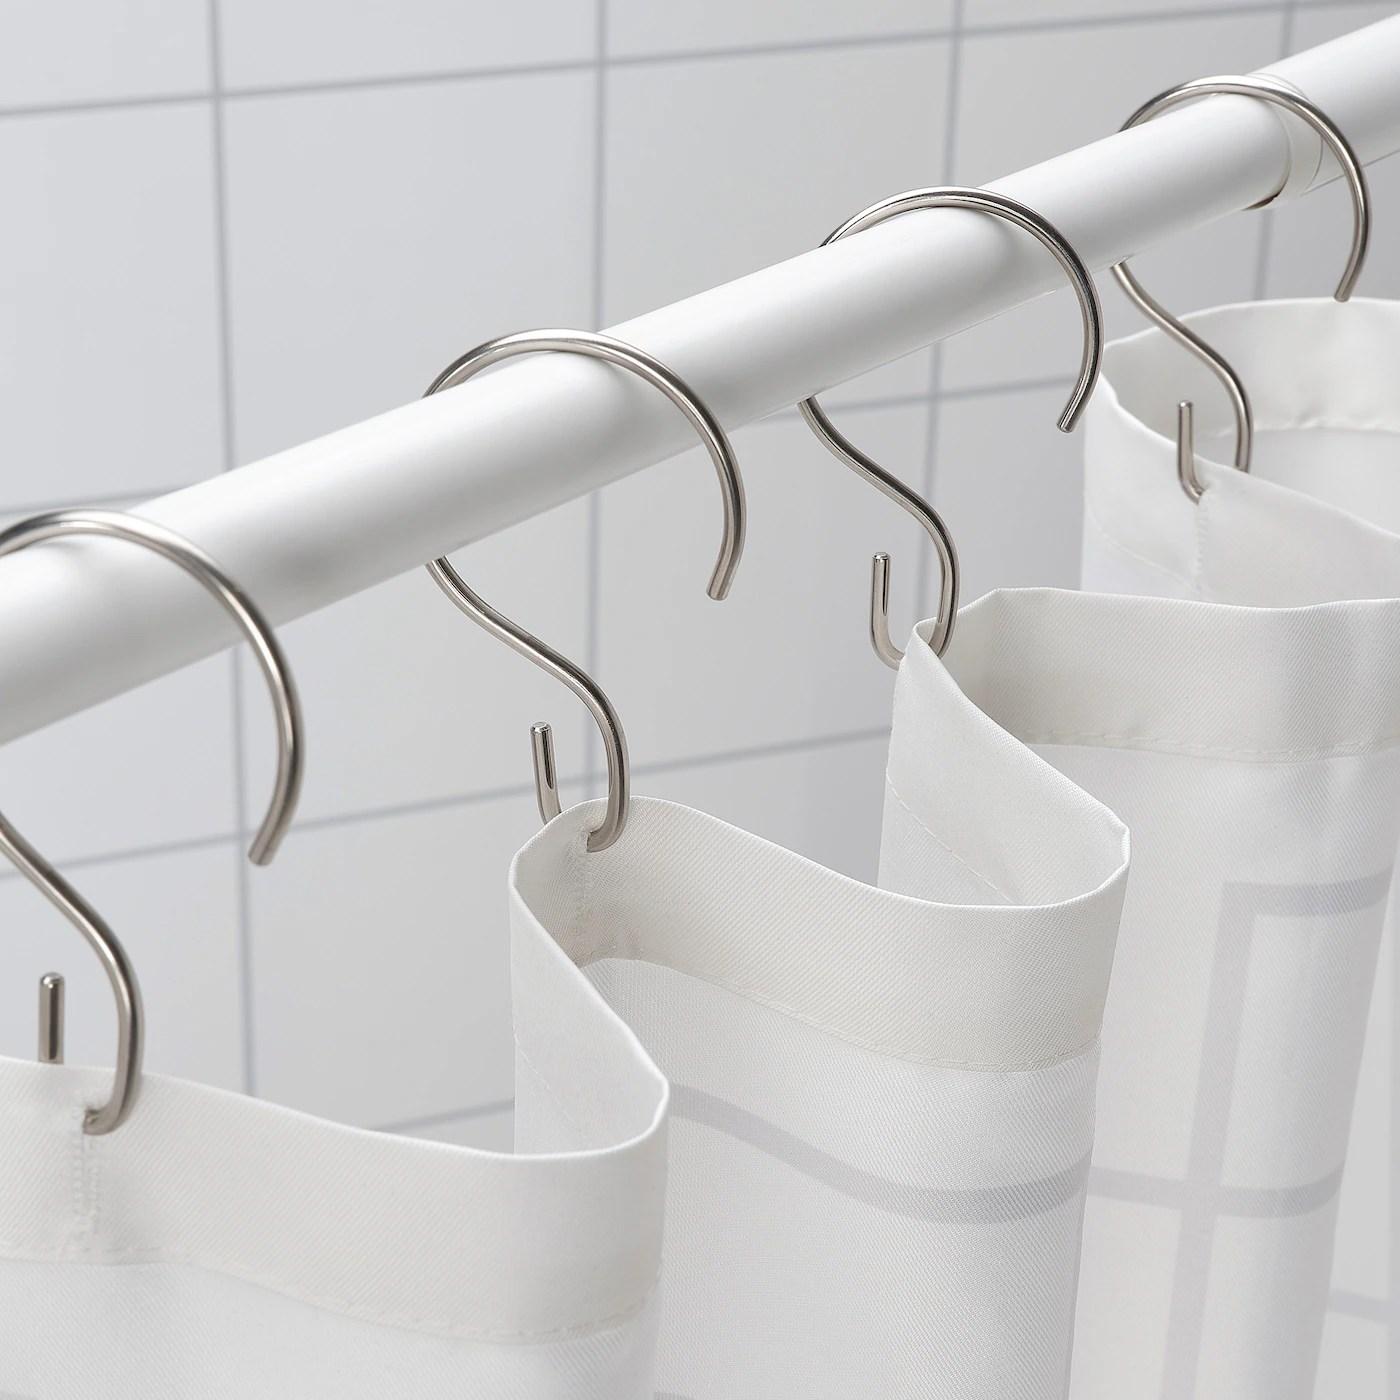 rudsjon shower curtain rings stainless steel color